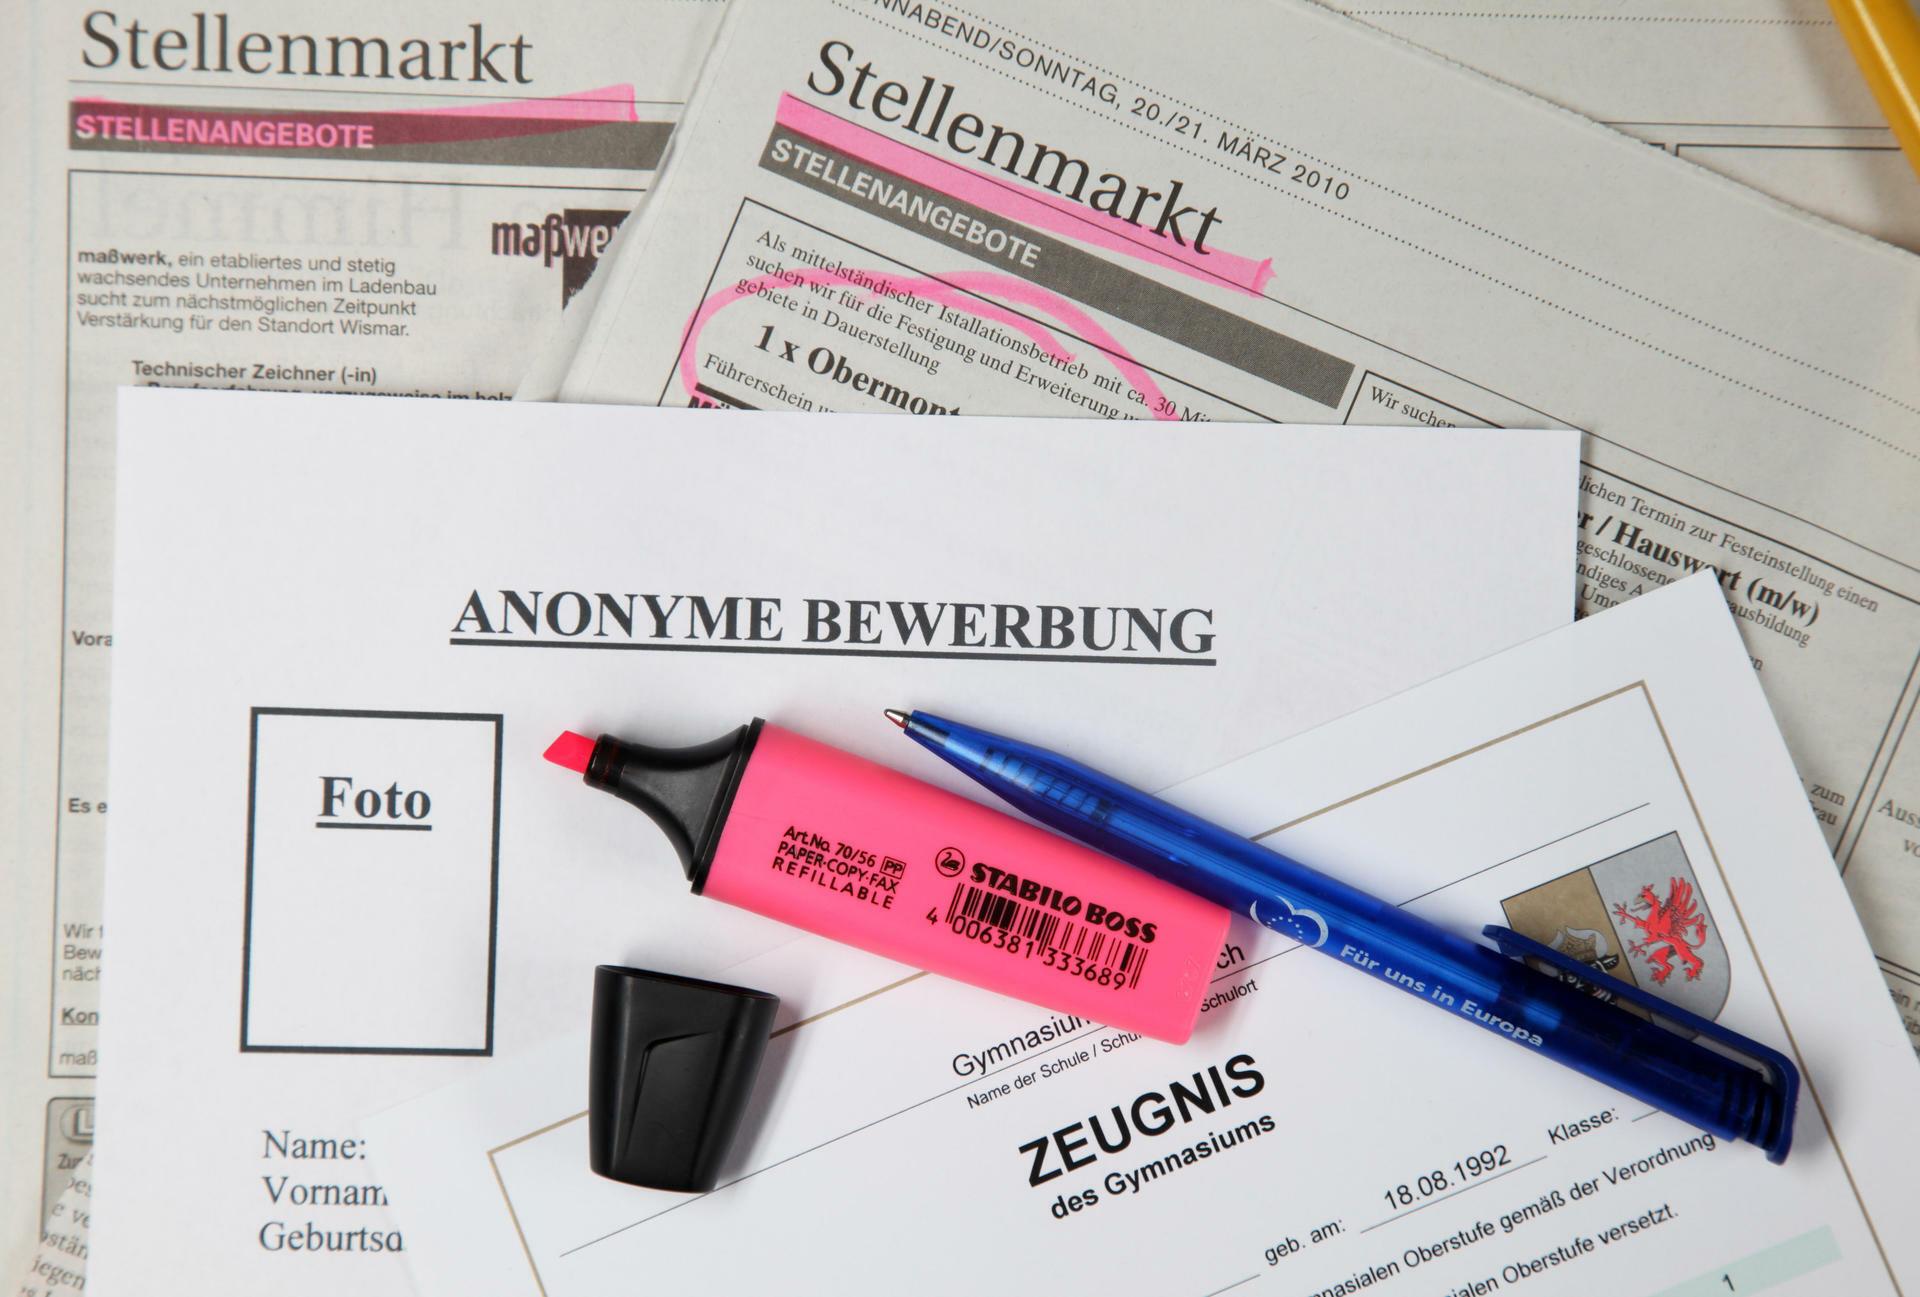 anonyme bewerbung das anonymisierte verfahren ist kein job garant - Anonymisierte Bewerbung